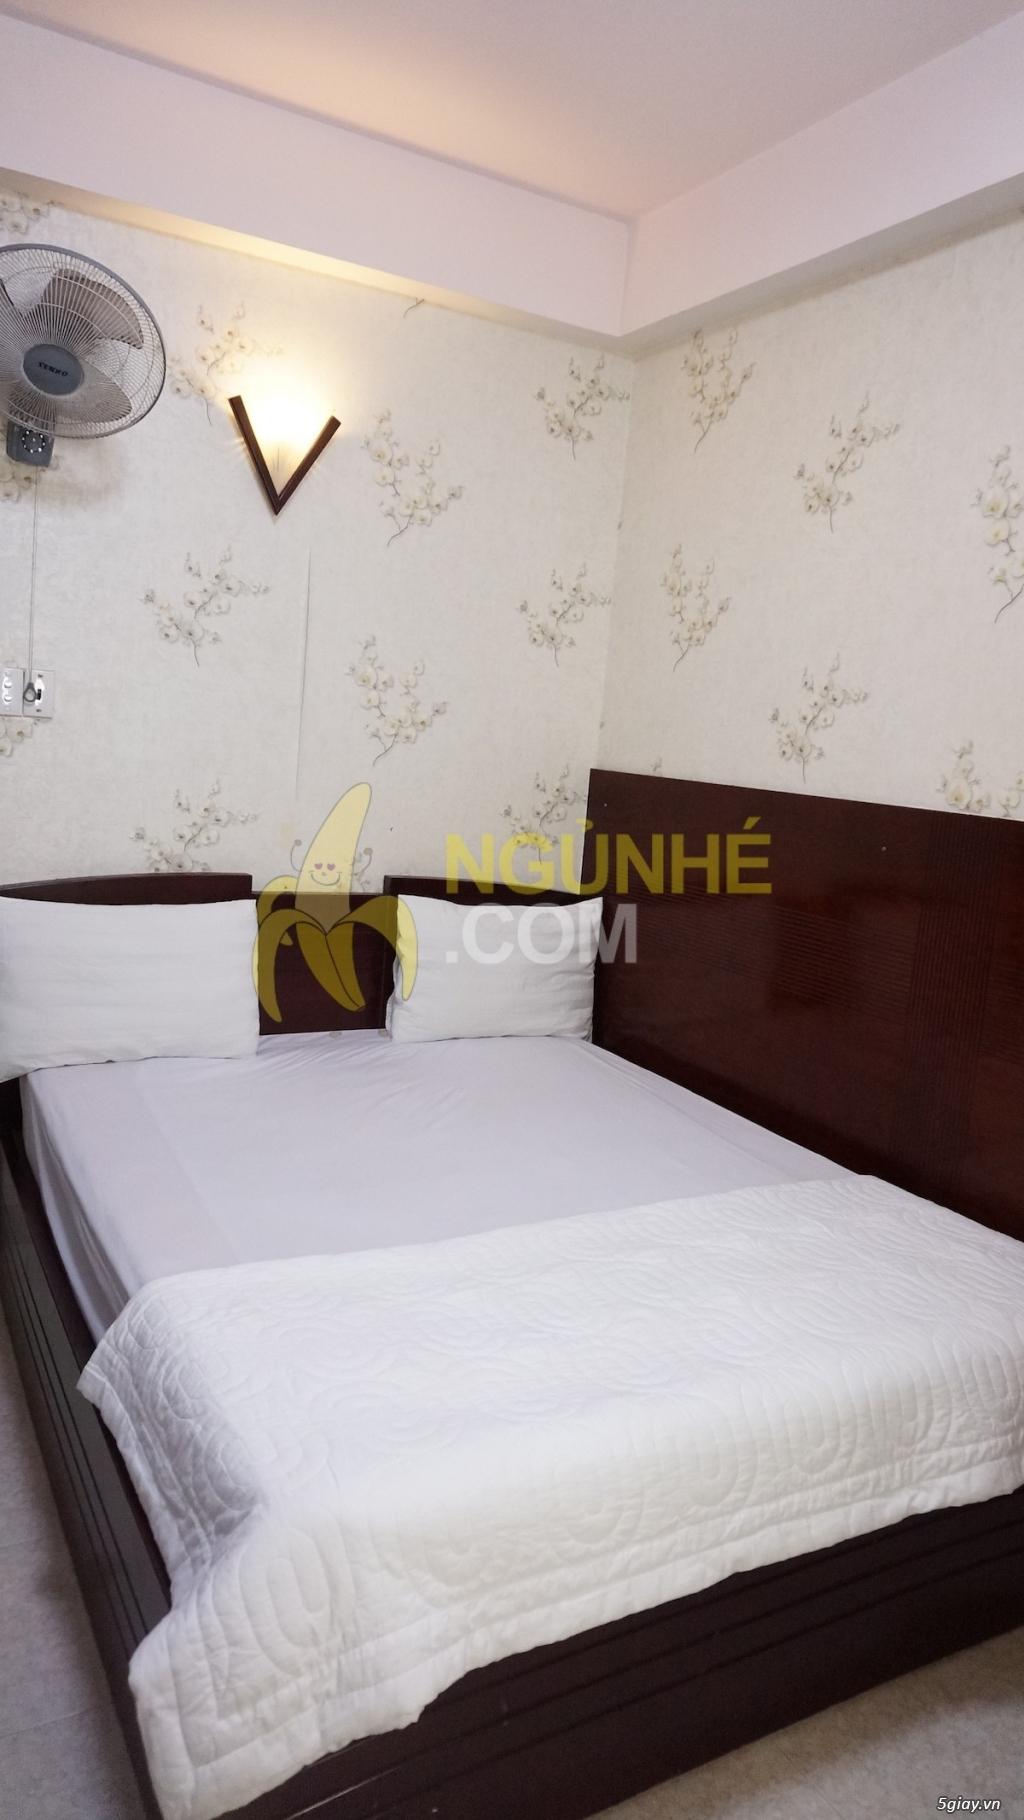 Khách sạn Hoàng Kim siêu khuyến mãi ở khu dân cư Trung Sơn - 5